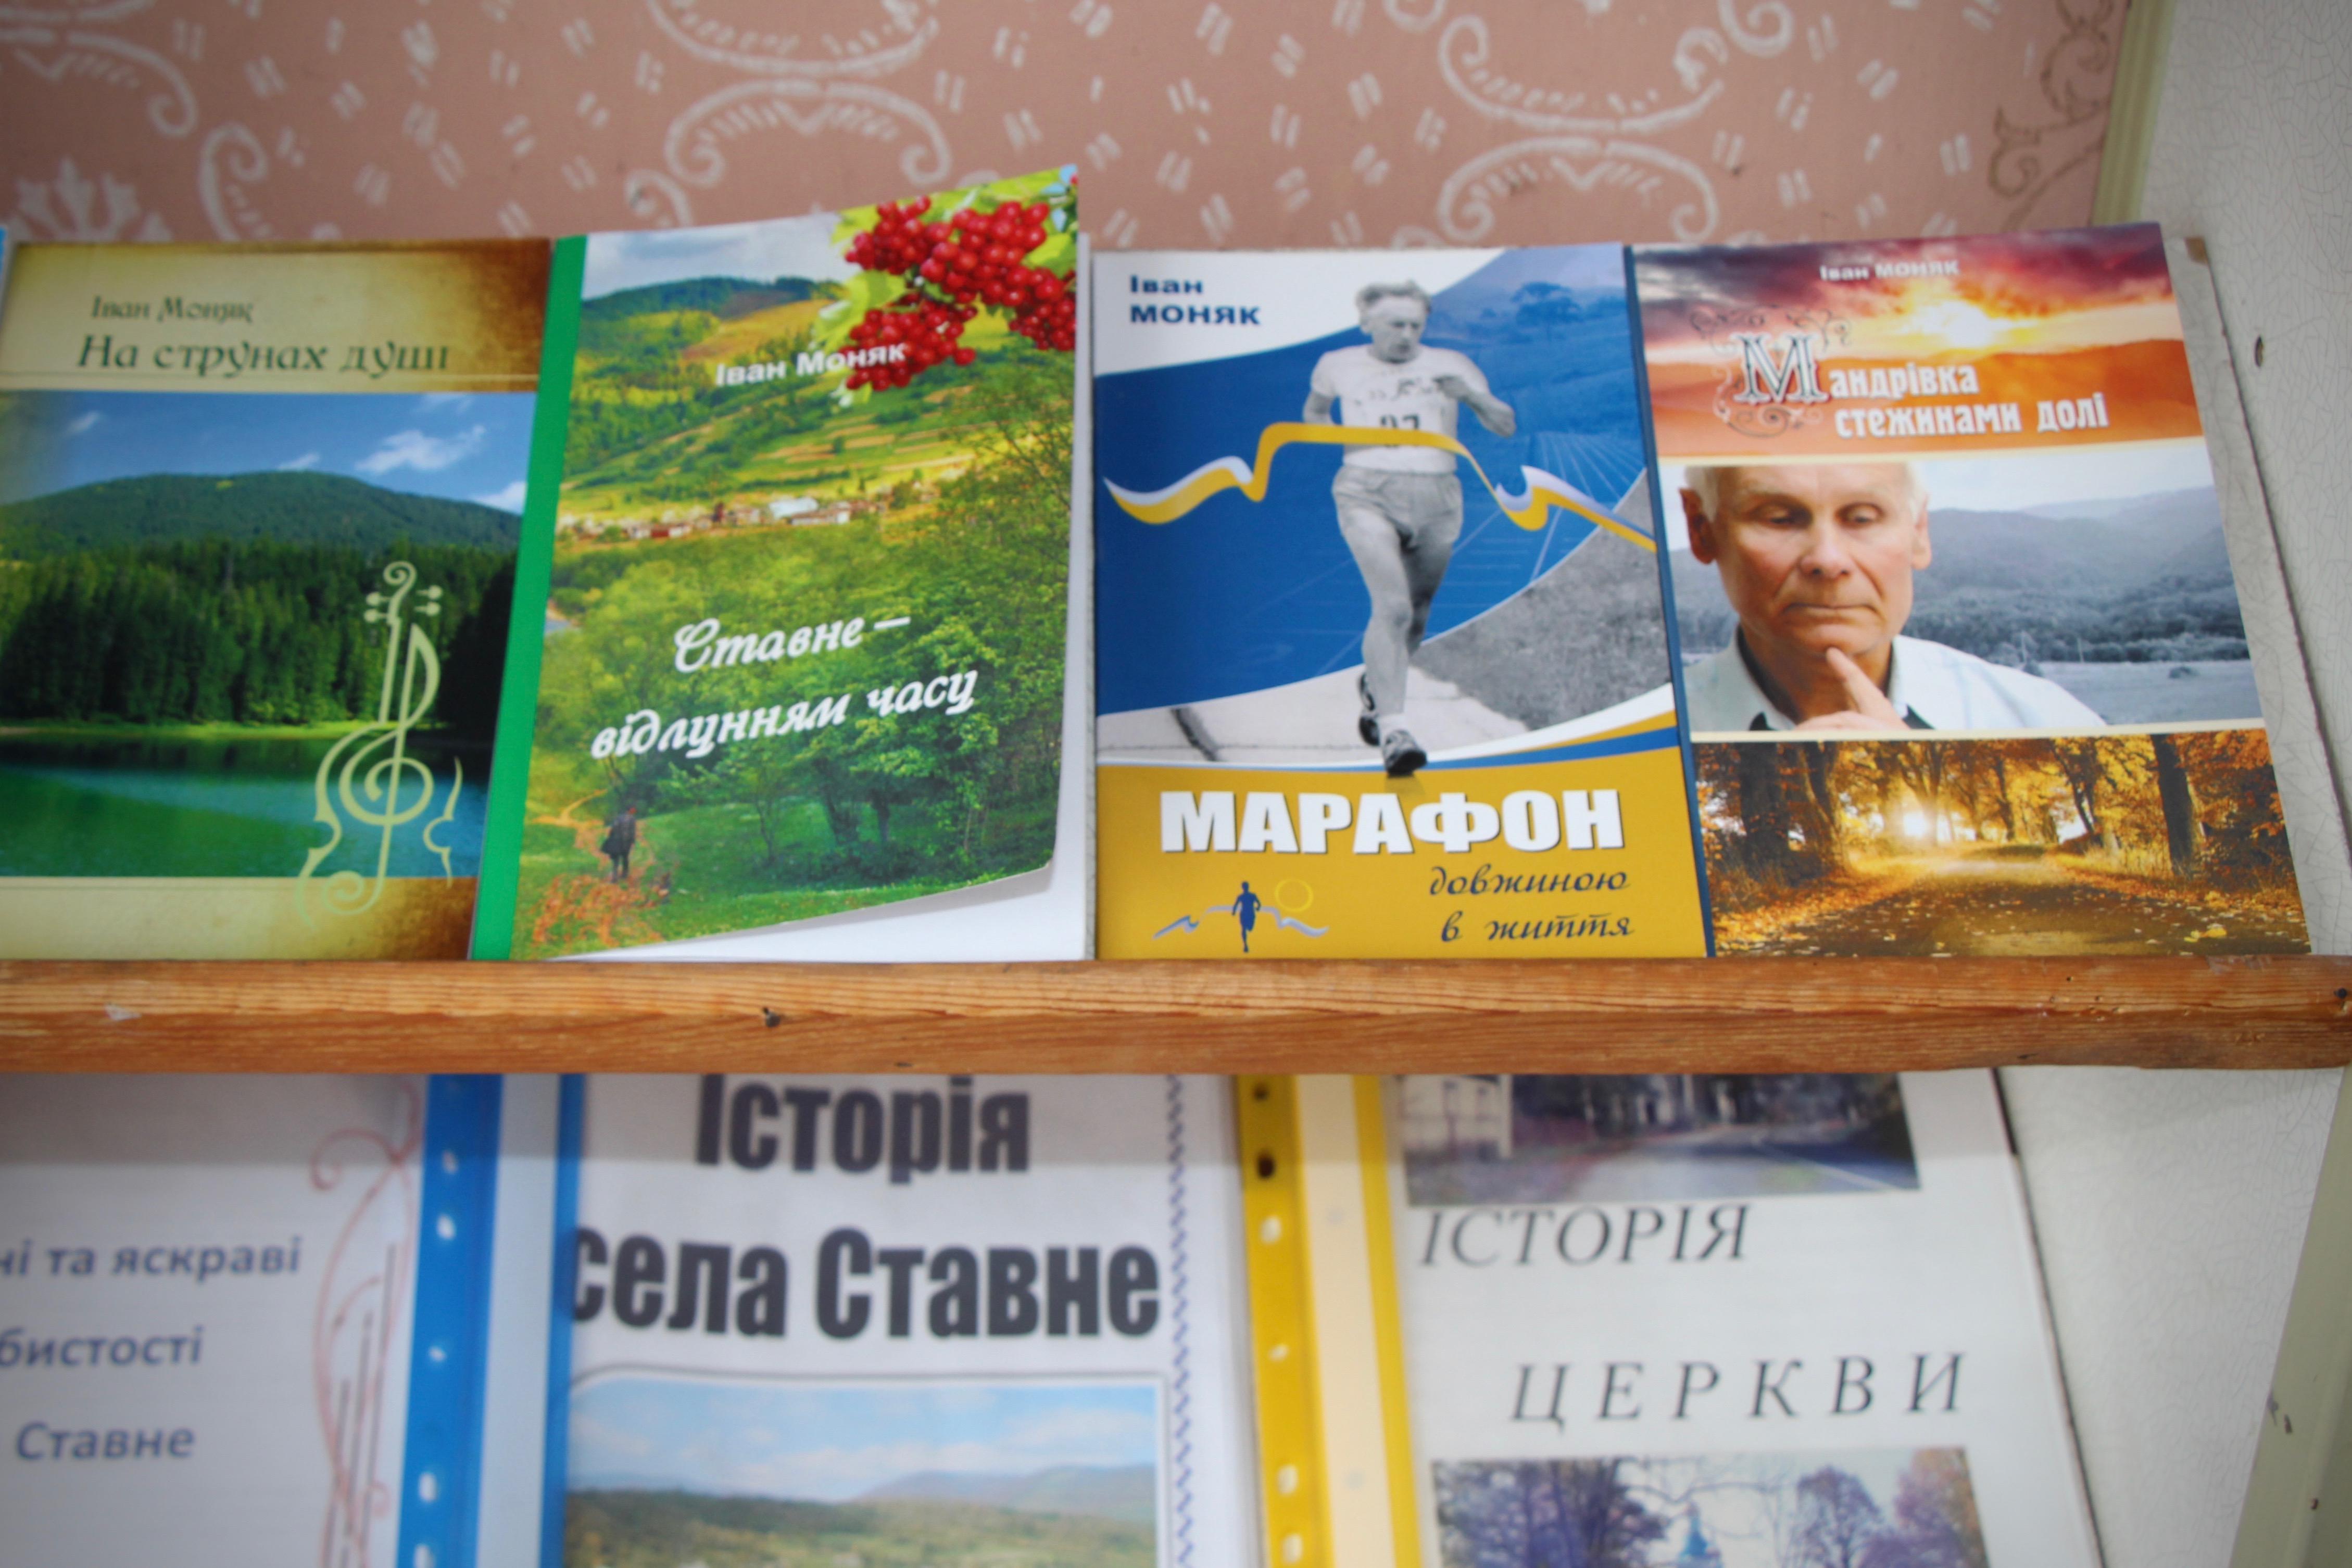 Іван Моняк презентував нову книгу у Ставному